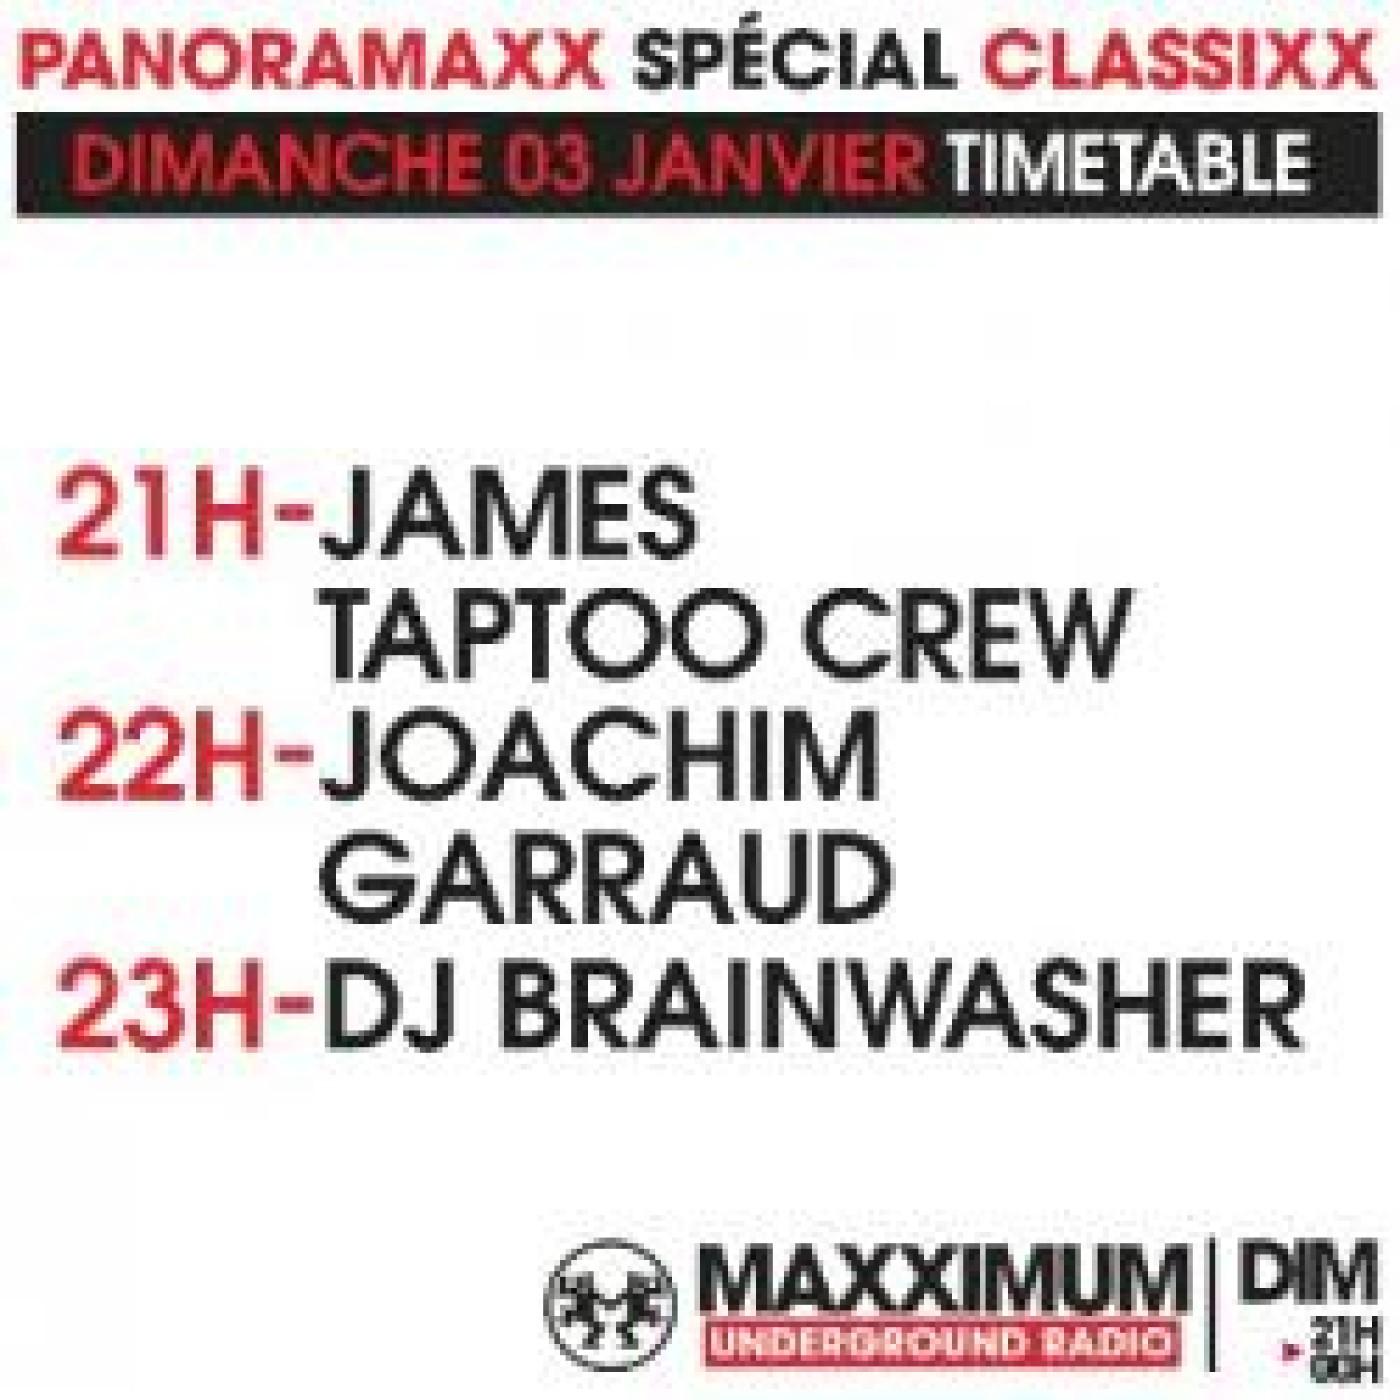 PANORAMAXX CLASSIXX : JOACHIM GARRAUD